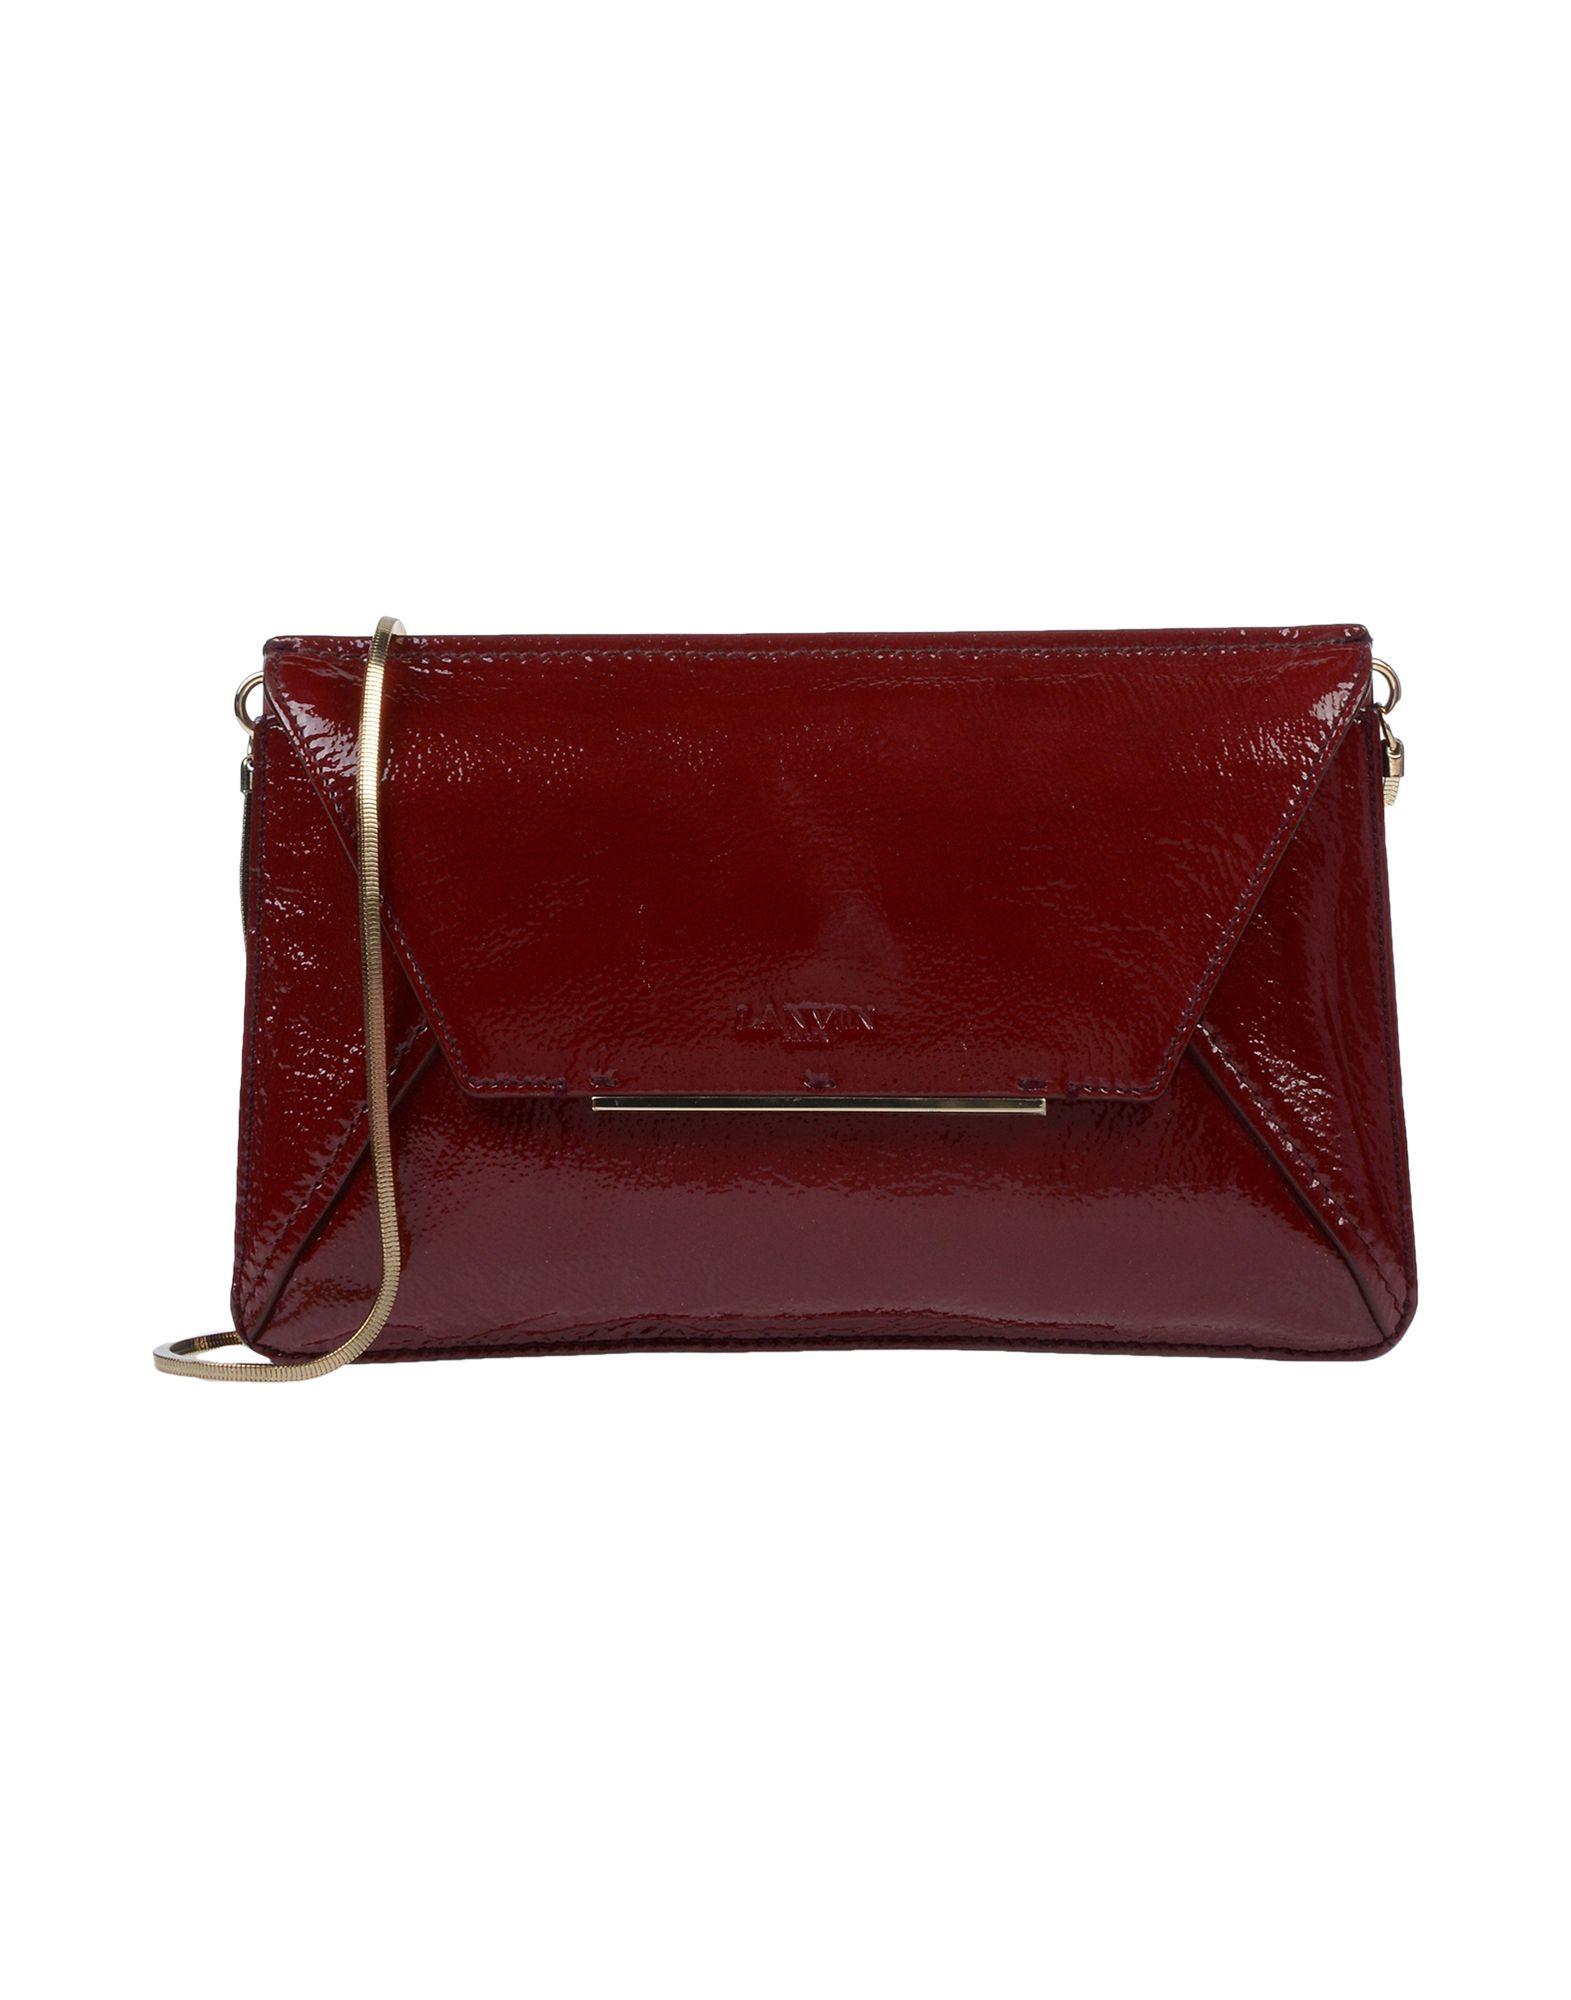 Borse a tracolla donna  borse moda d601bd79b46